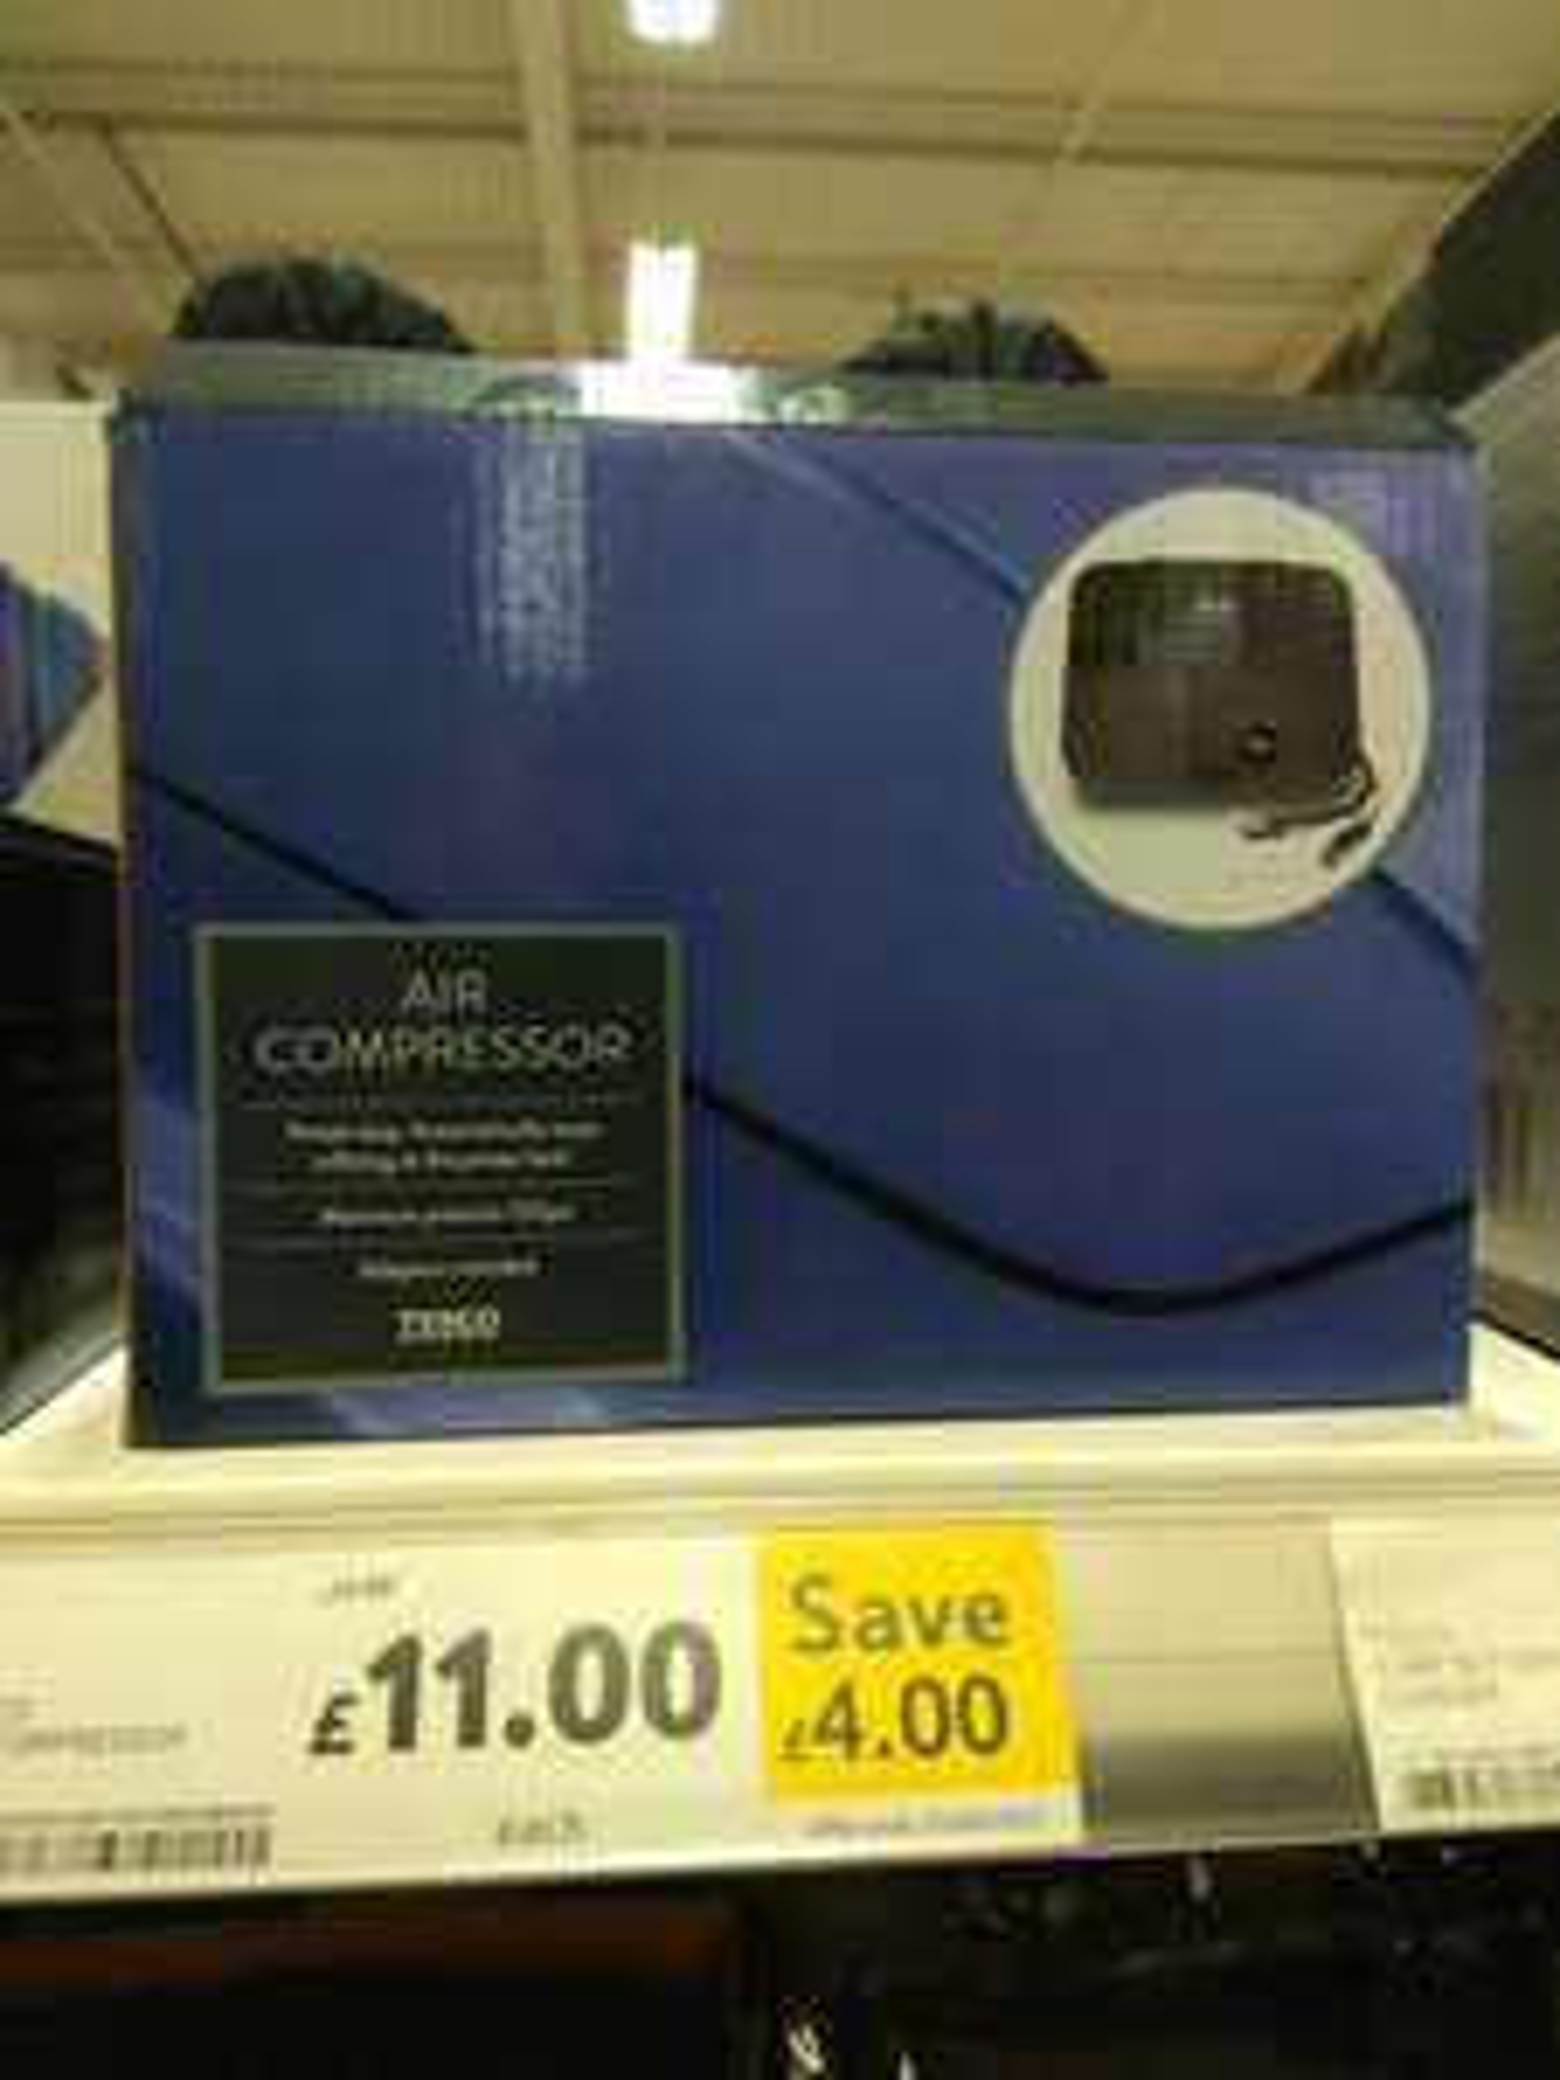 Tesco air compressor £11 *in store *